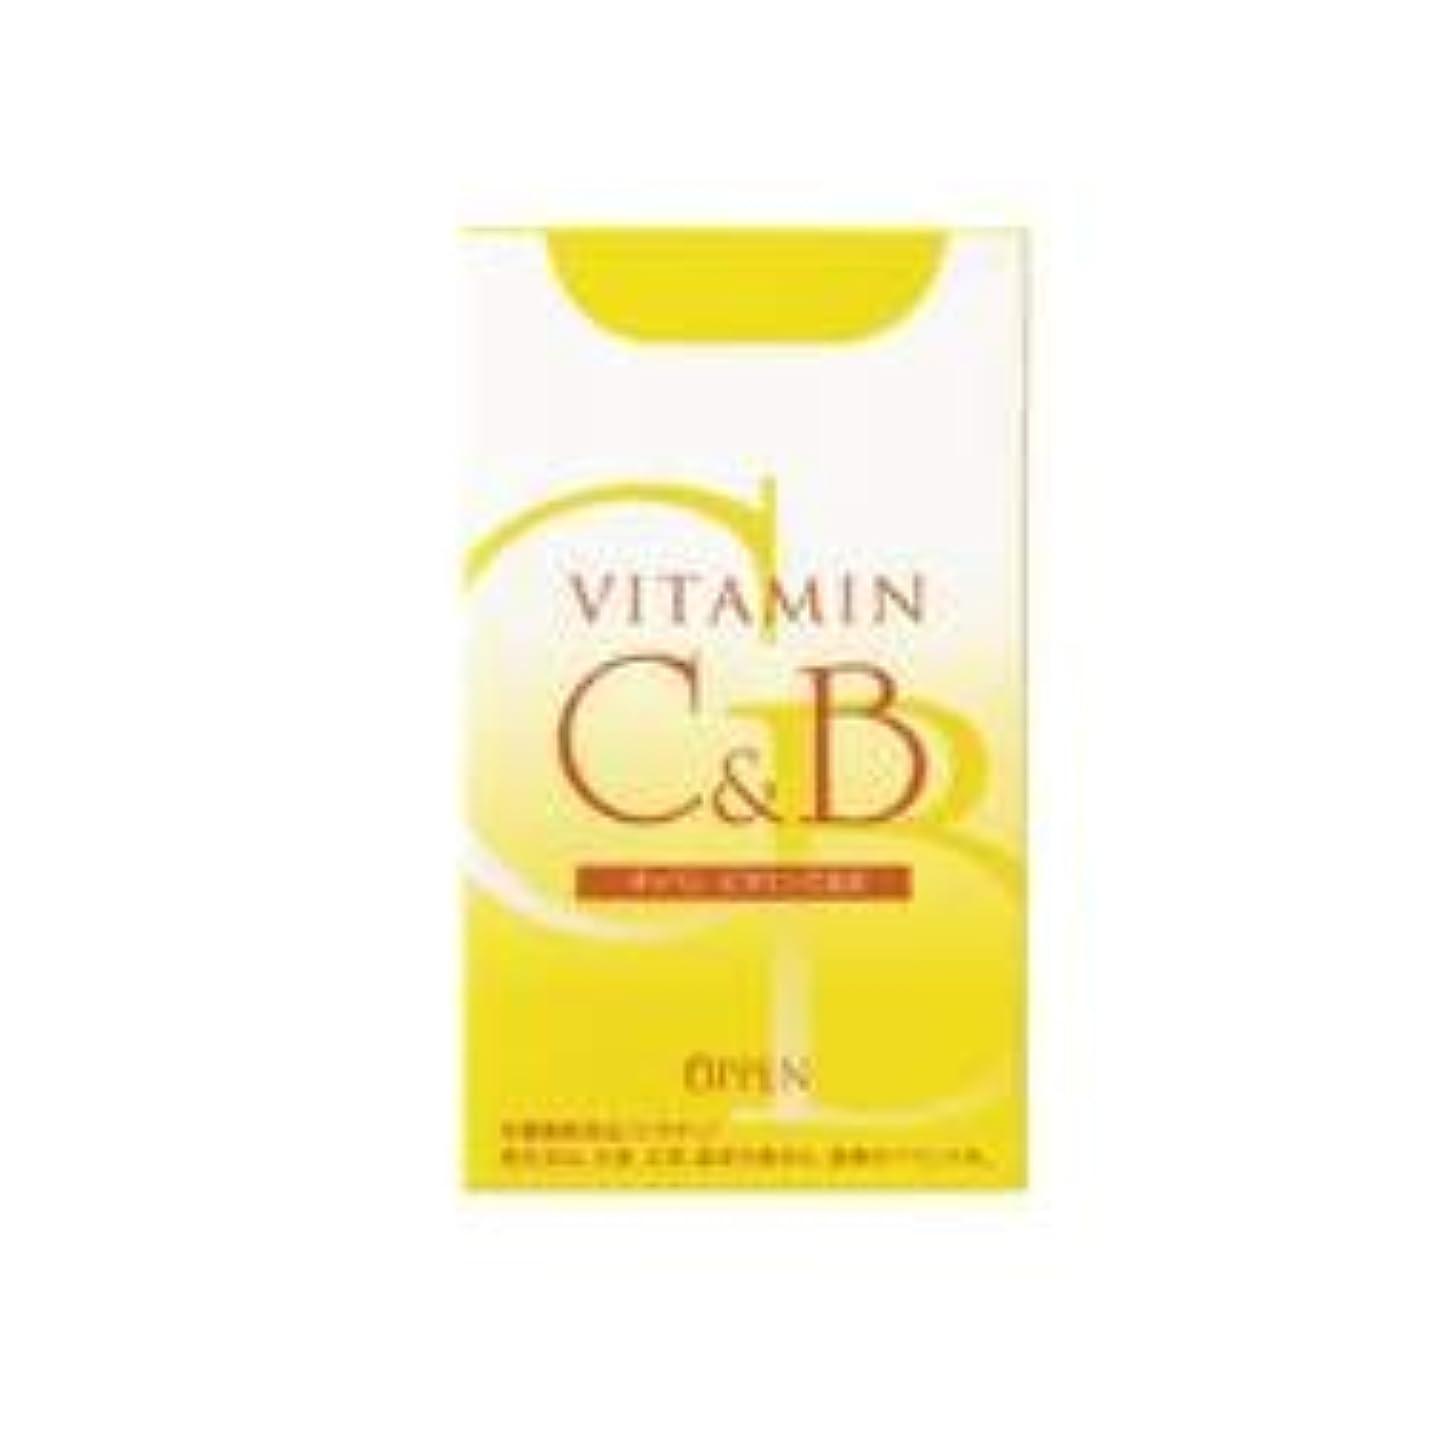 オッペン ヘルスフード ビタミンC&B(60包)